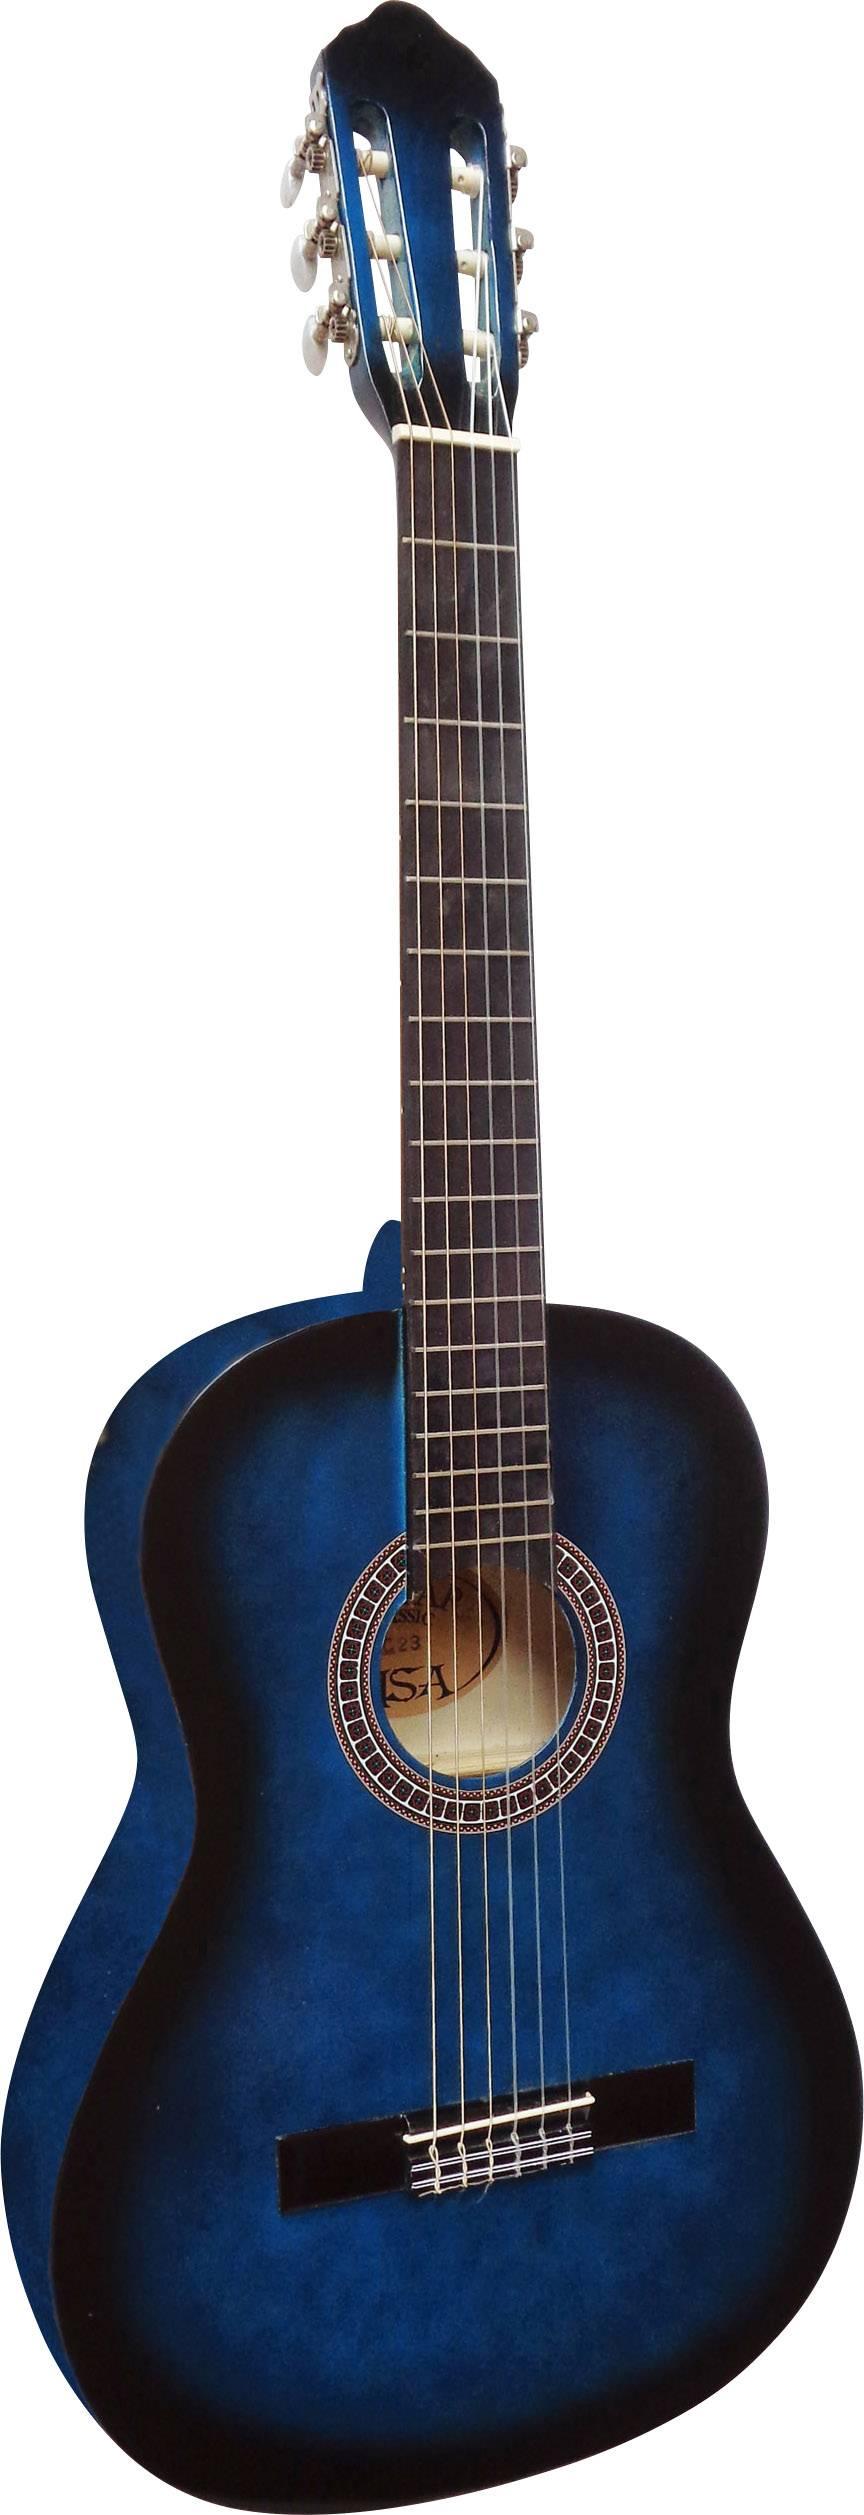 Koncertná gitara MSA Musikinstrumente C23, veľkosť gitary 4/4, modrá